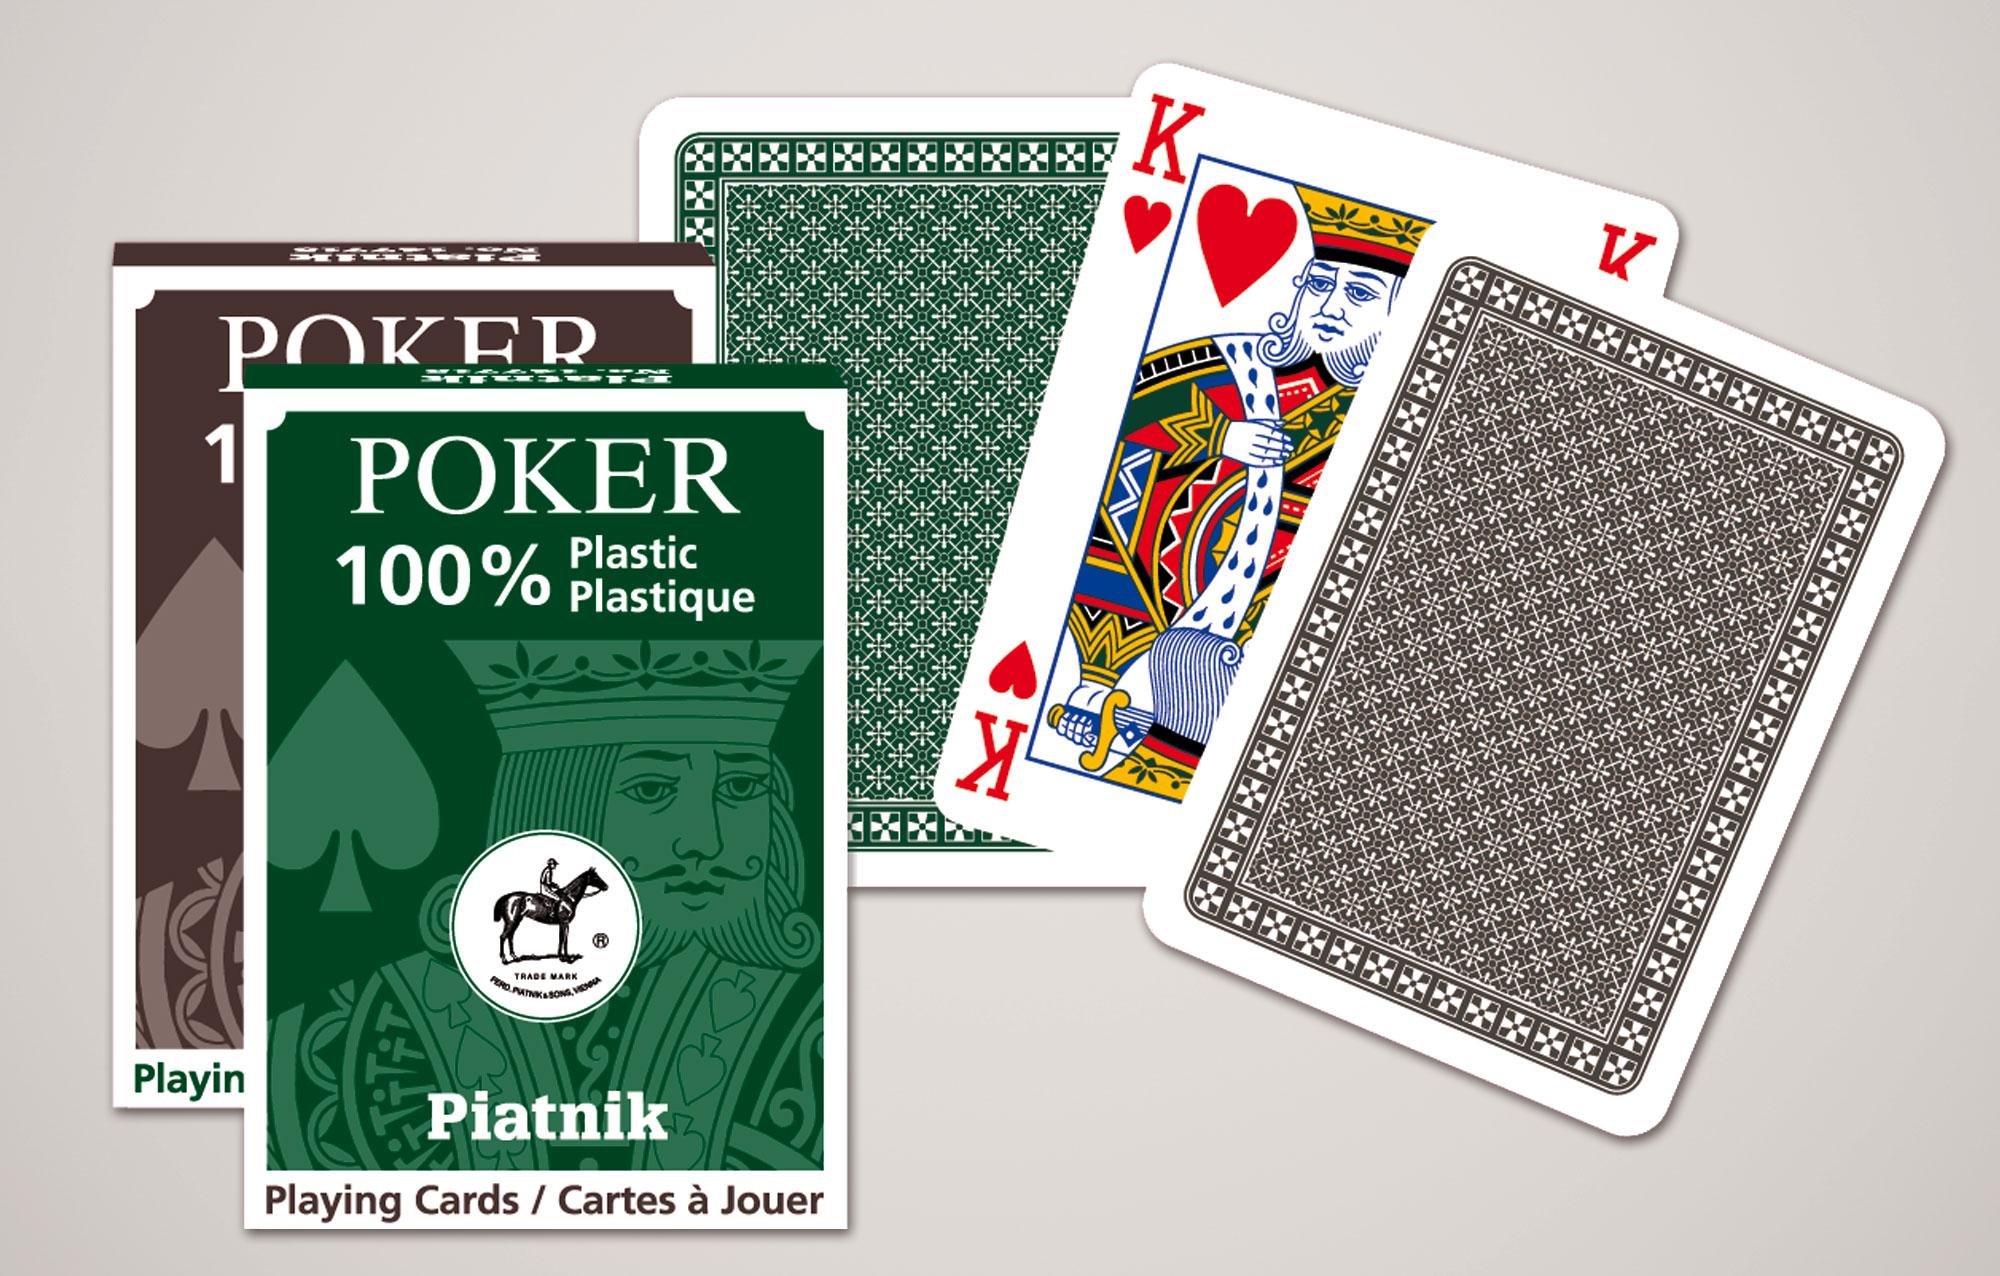 Piatnik Poker